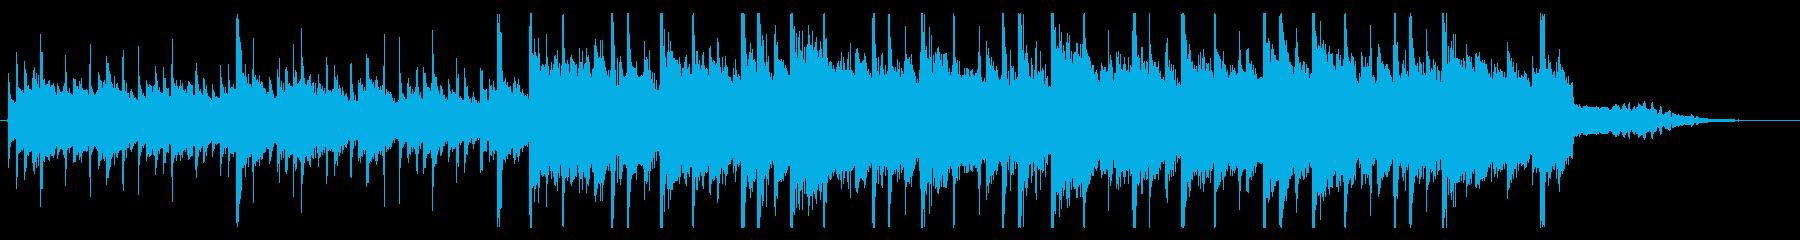 【ショート版】企業VP・CM 感動的の再生済みの波形